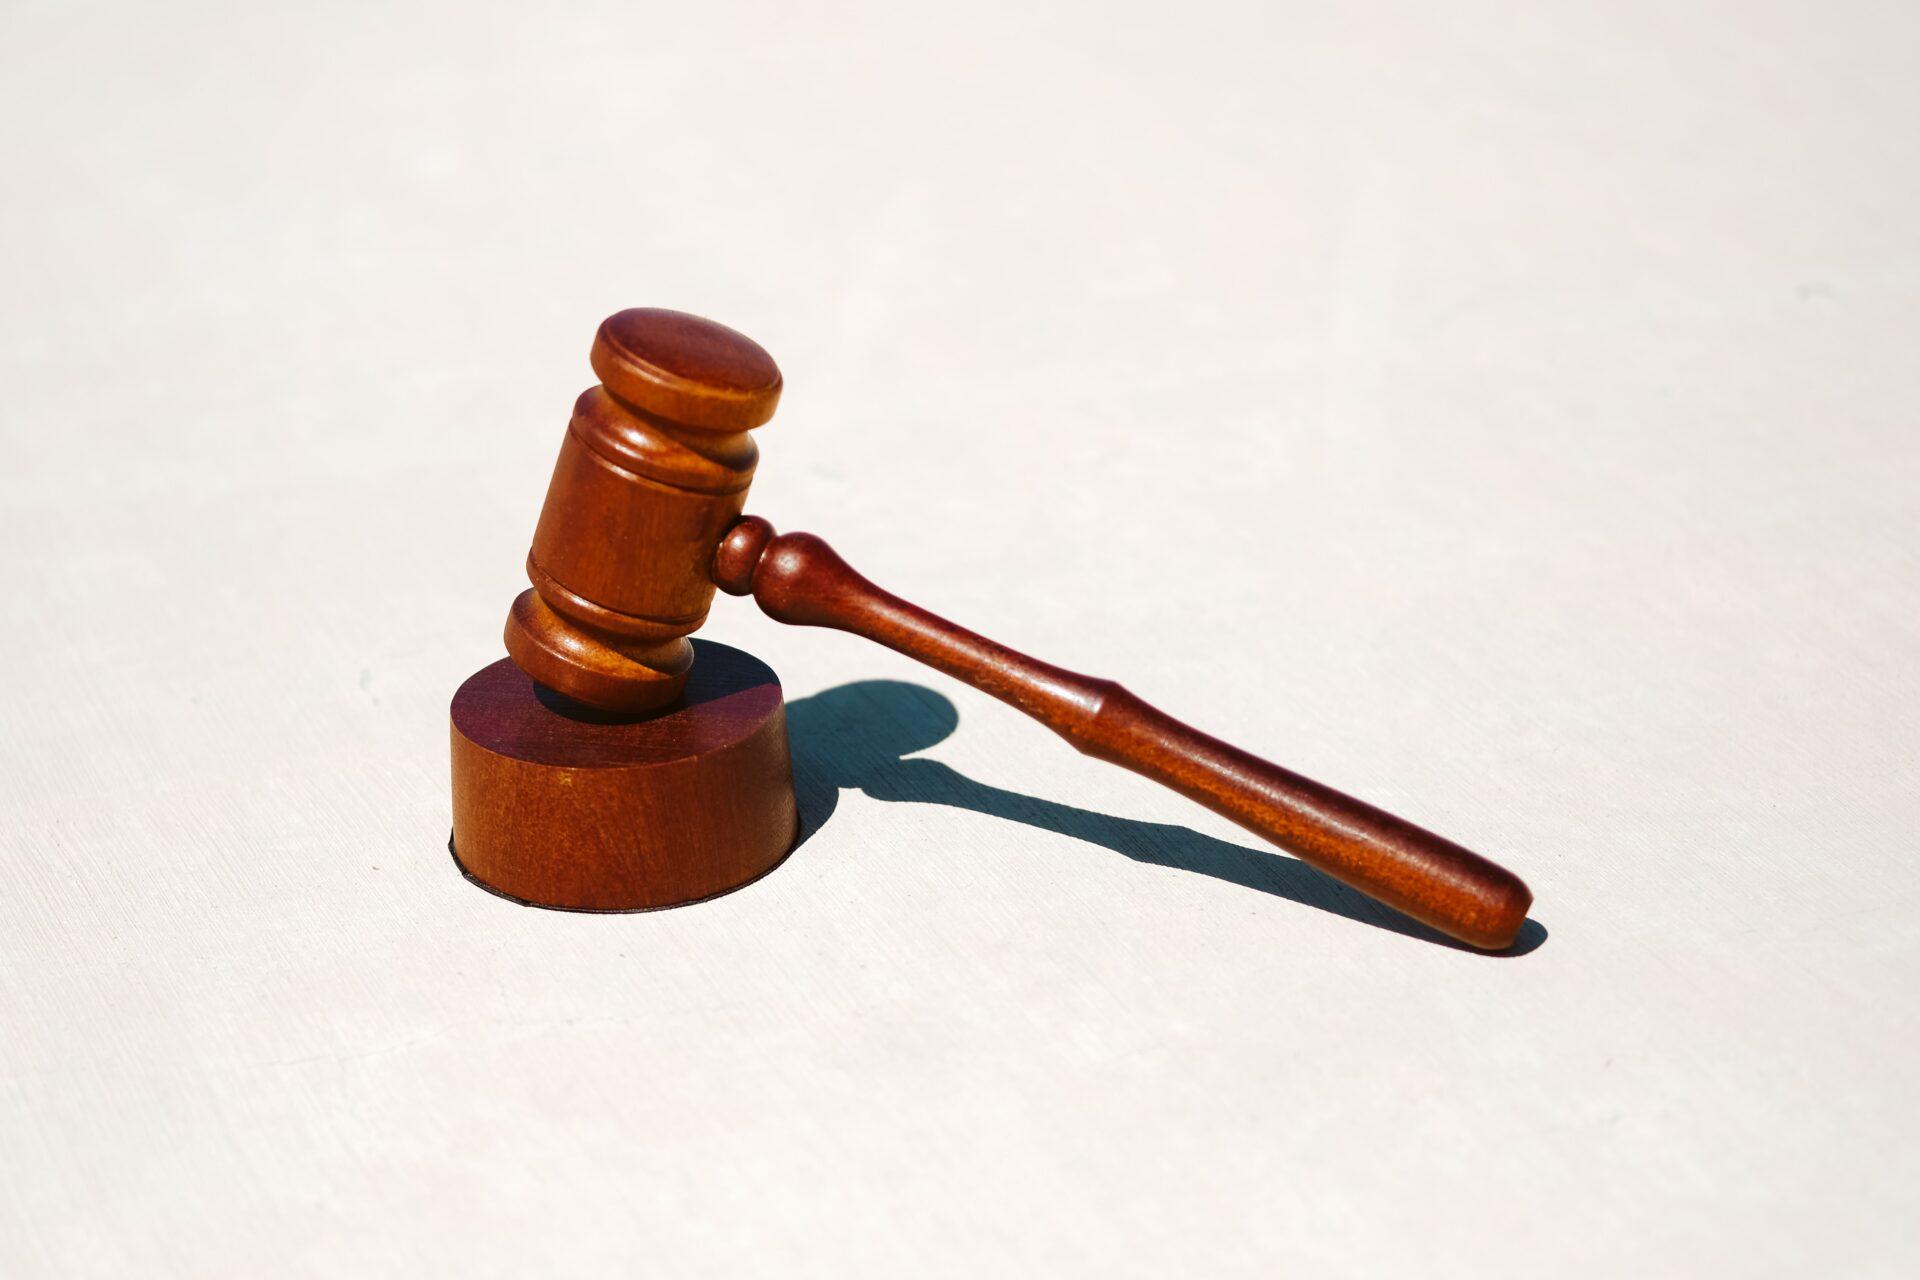 maillet de juge symbole de la justice